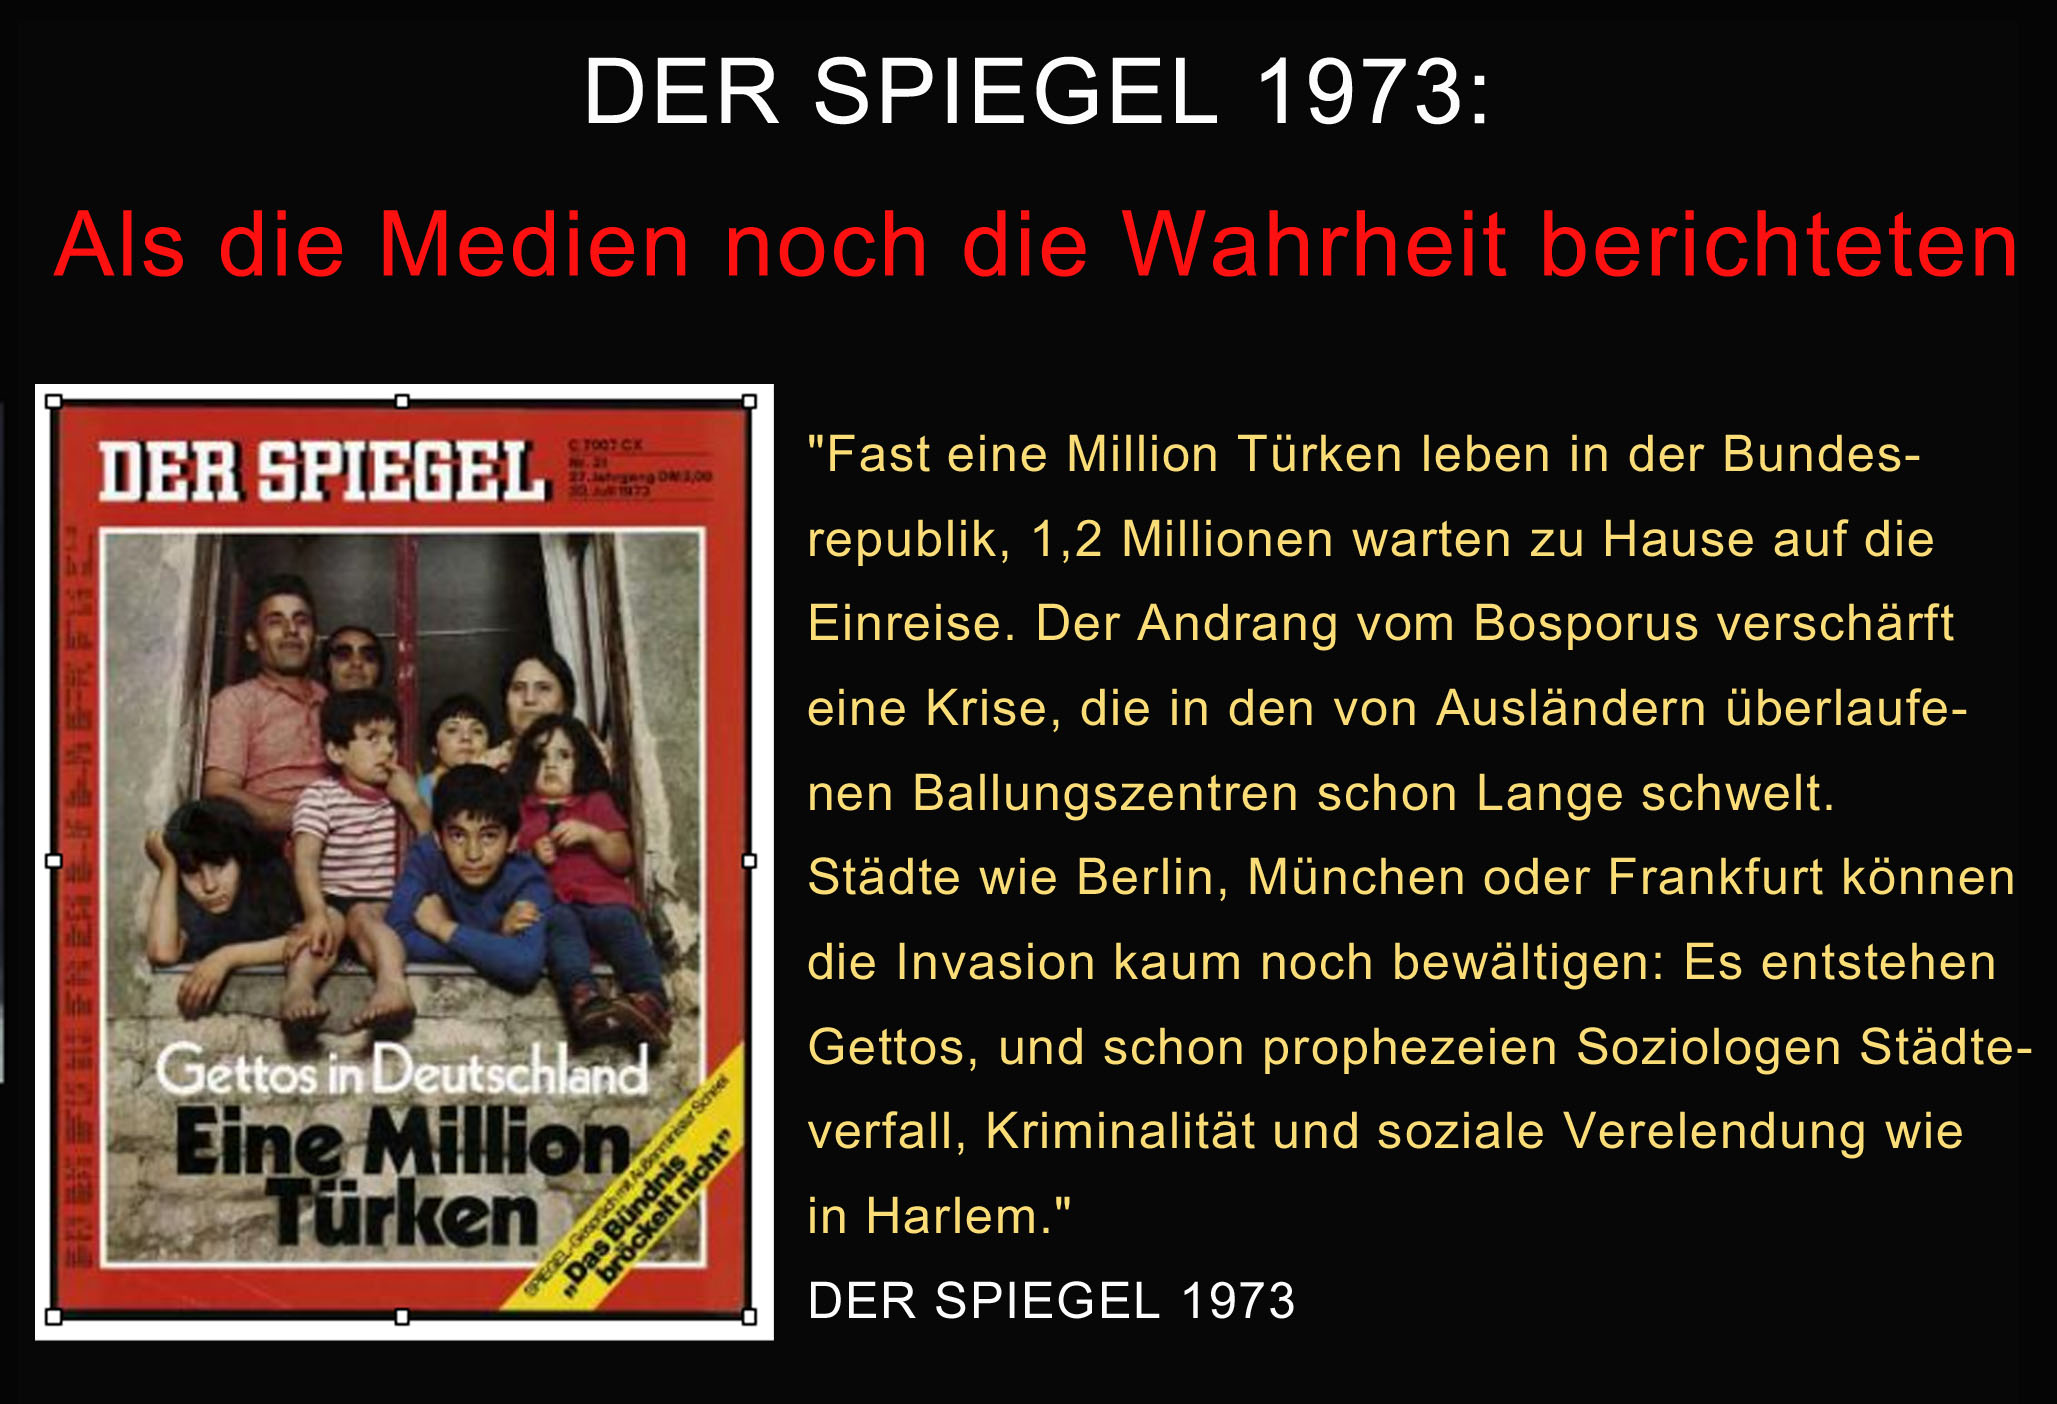 Michael mannheimer blog blog archiv der spiegel 1973 for Der spiegel archiv